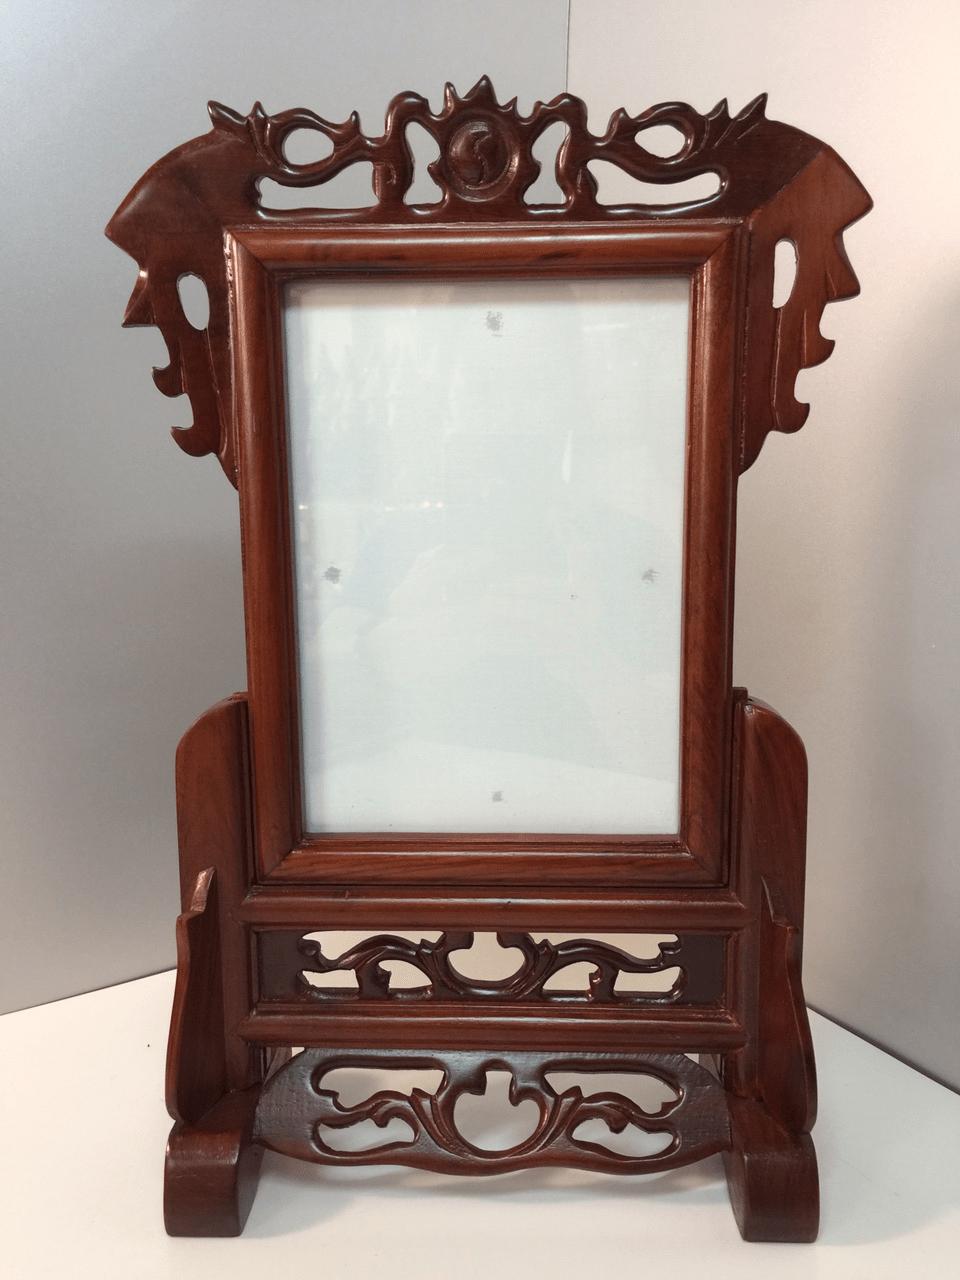 Lựa chọn khung ảnh thờ gỗ có độ bền